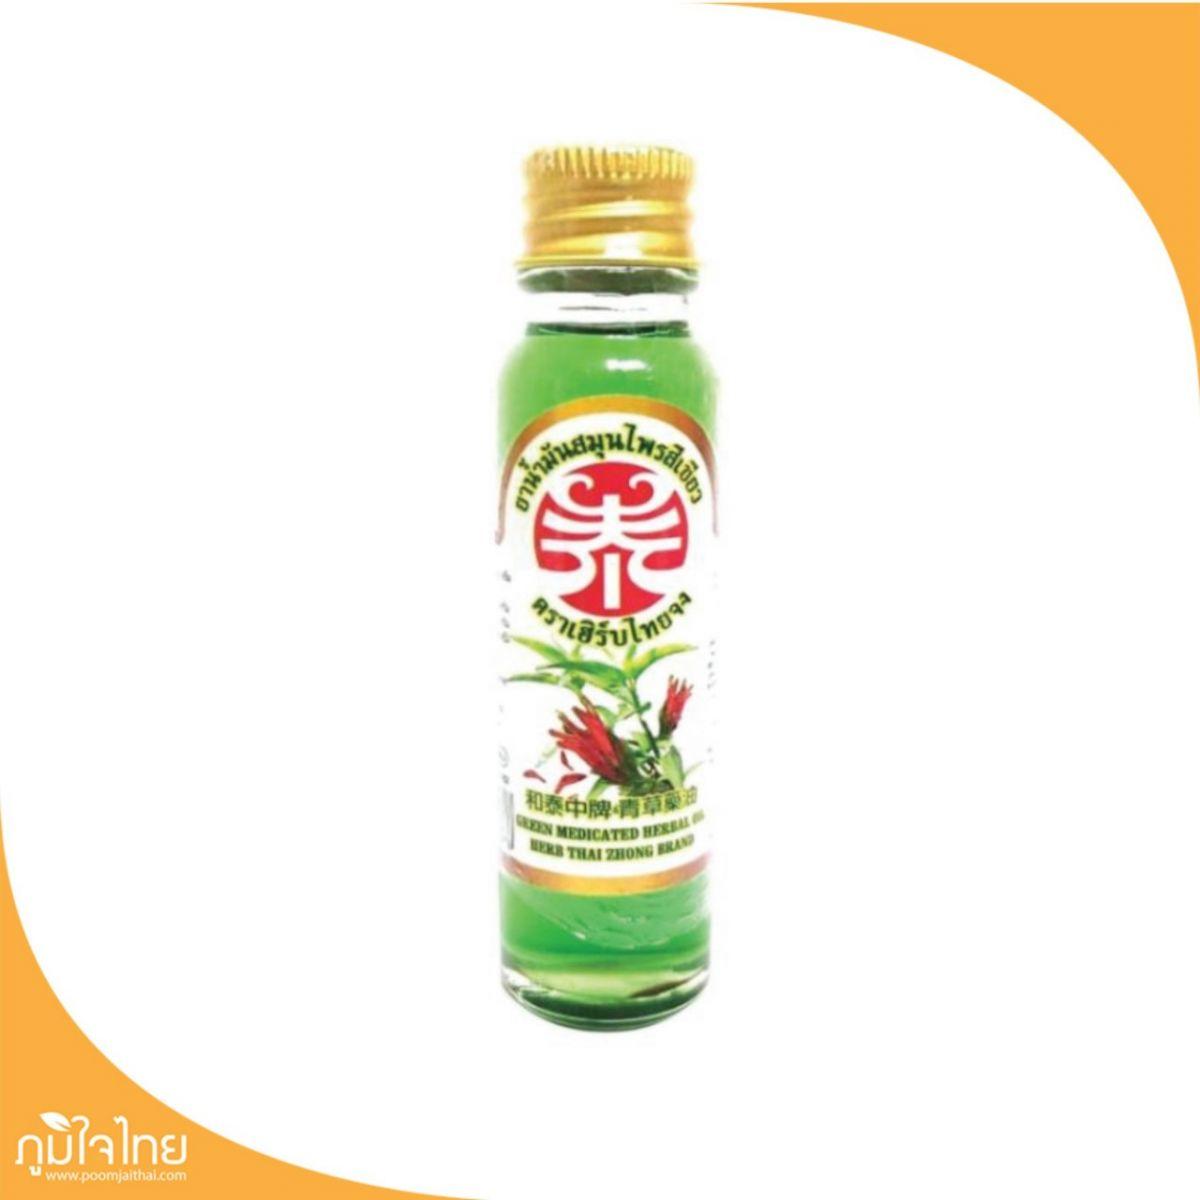 ยาน้ำมันสมุนไพรสีเขียว 20 ซีซี เฮิร์บไทยจง